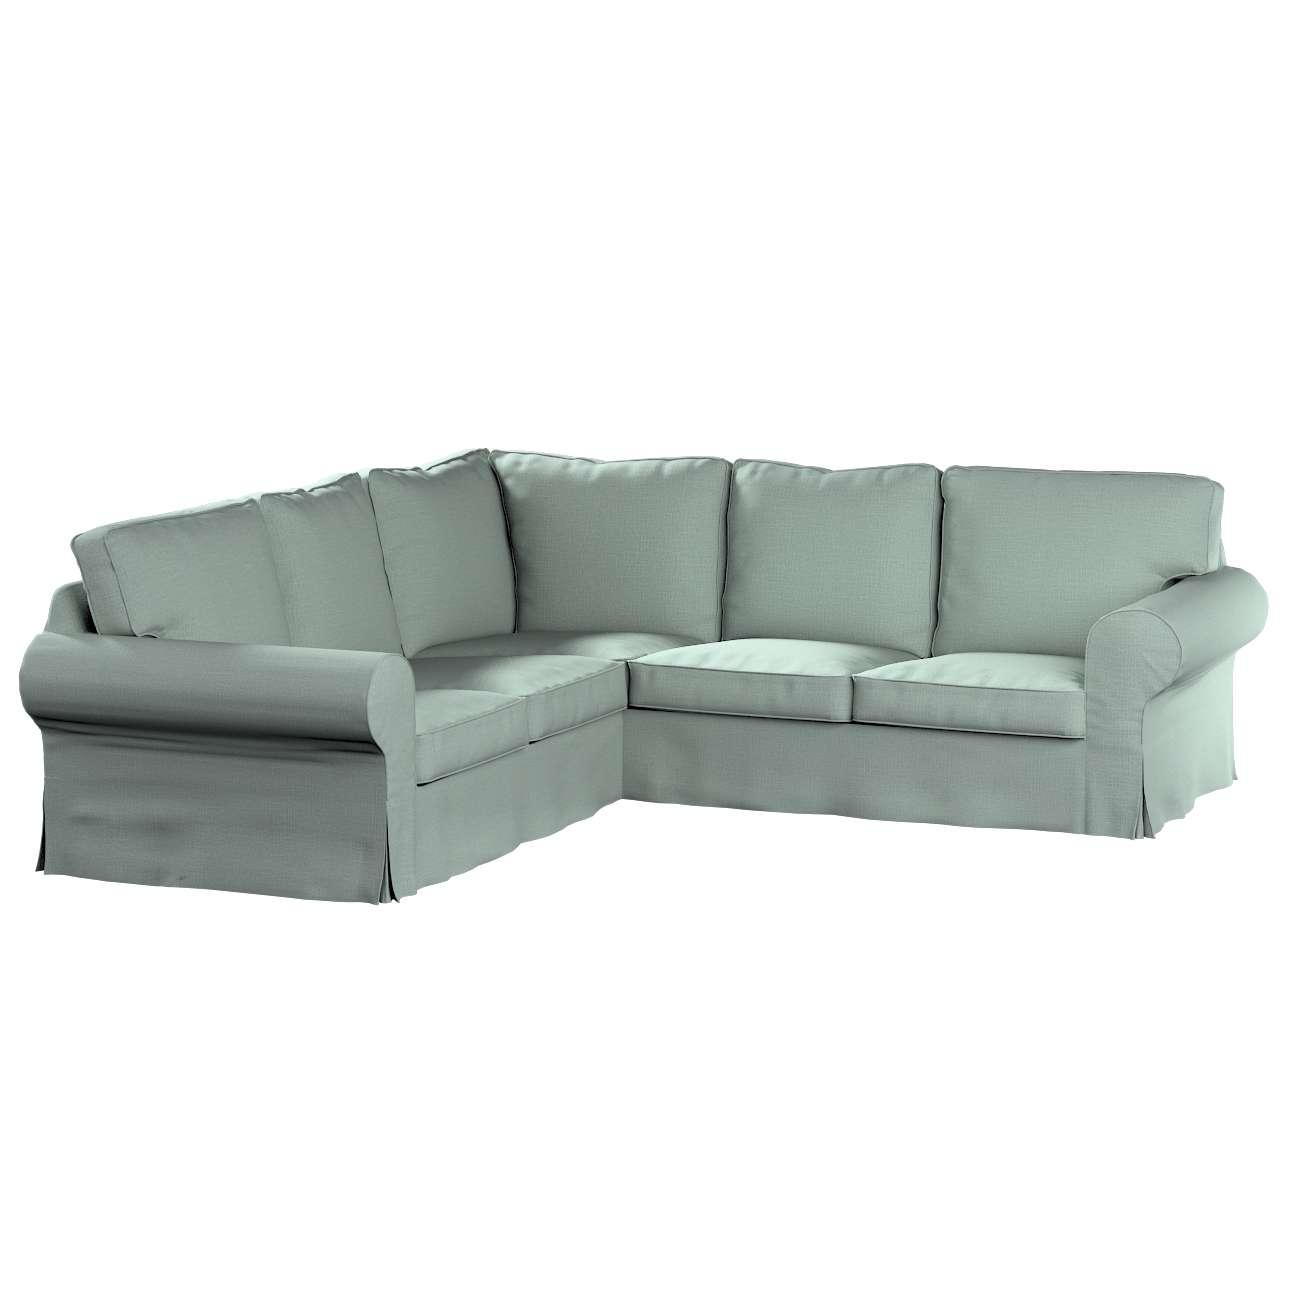 Pokrowiec Ektorp na sofę narożną w kolekcji Living, tkanina: 160-86